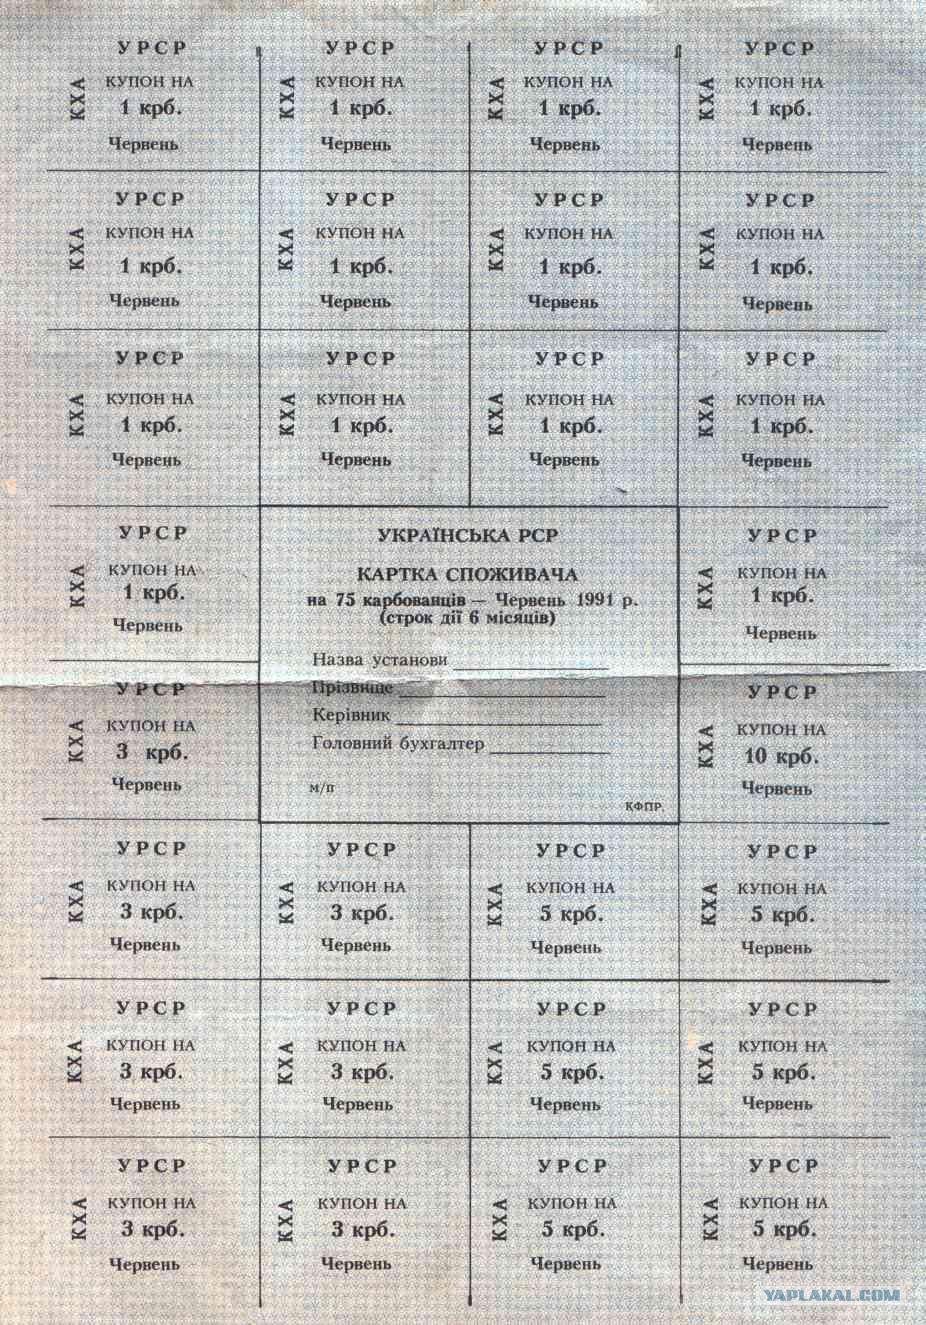 Деньги Украины 1991 г. - купоны - ЯПлакалъ